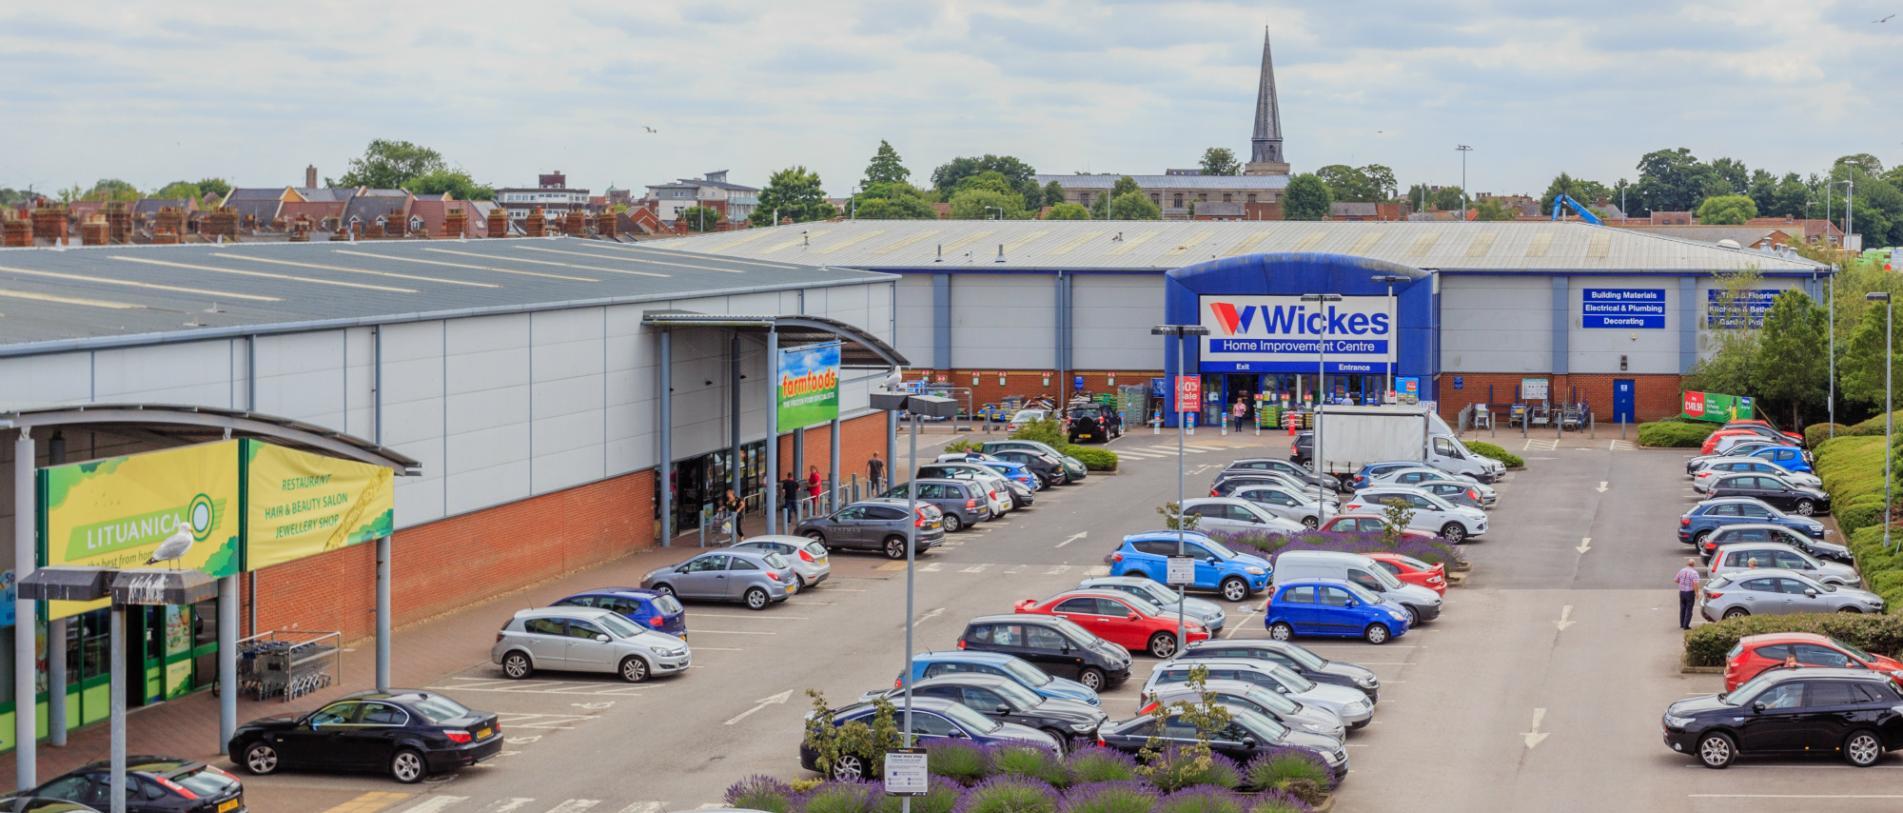 St Nicholas Retail Park Perland Properties